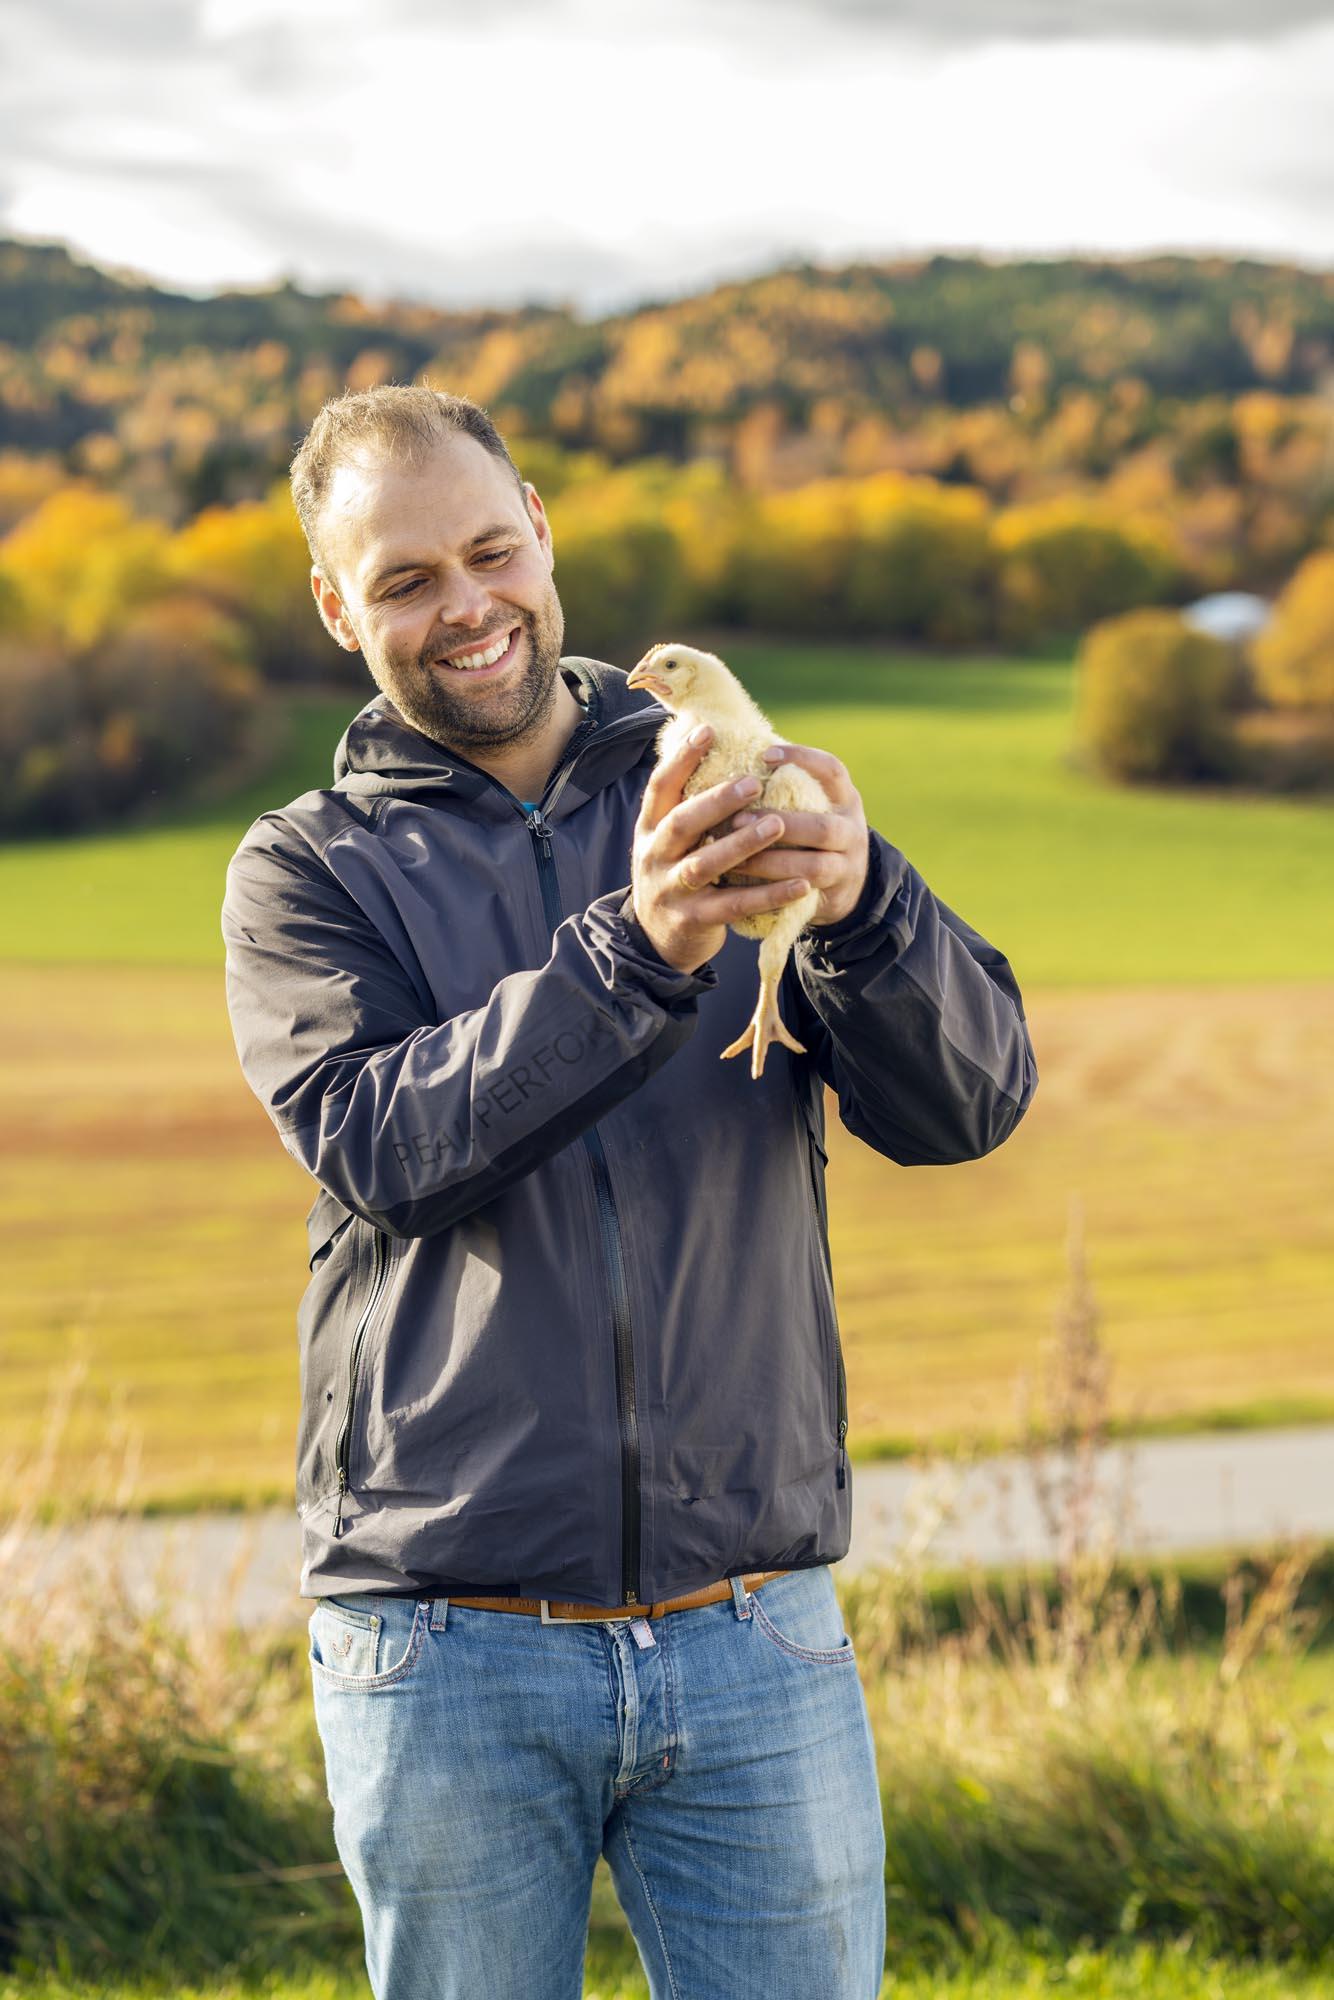 Mann som holder en kylling.